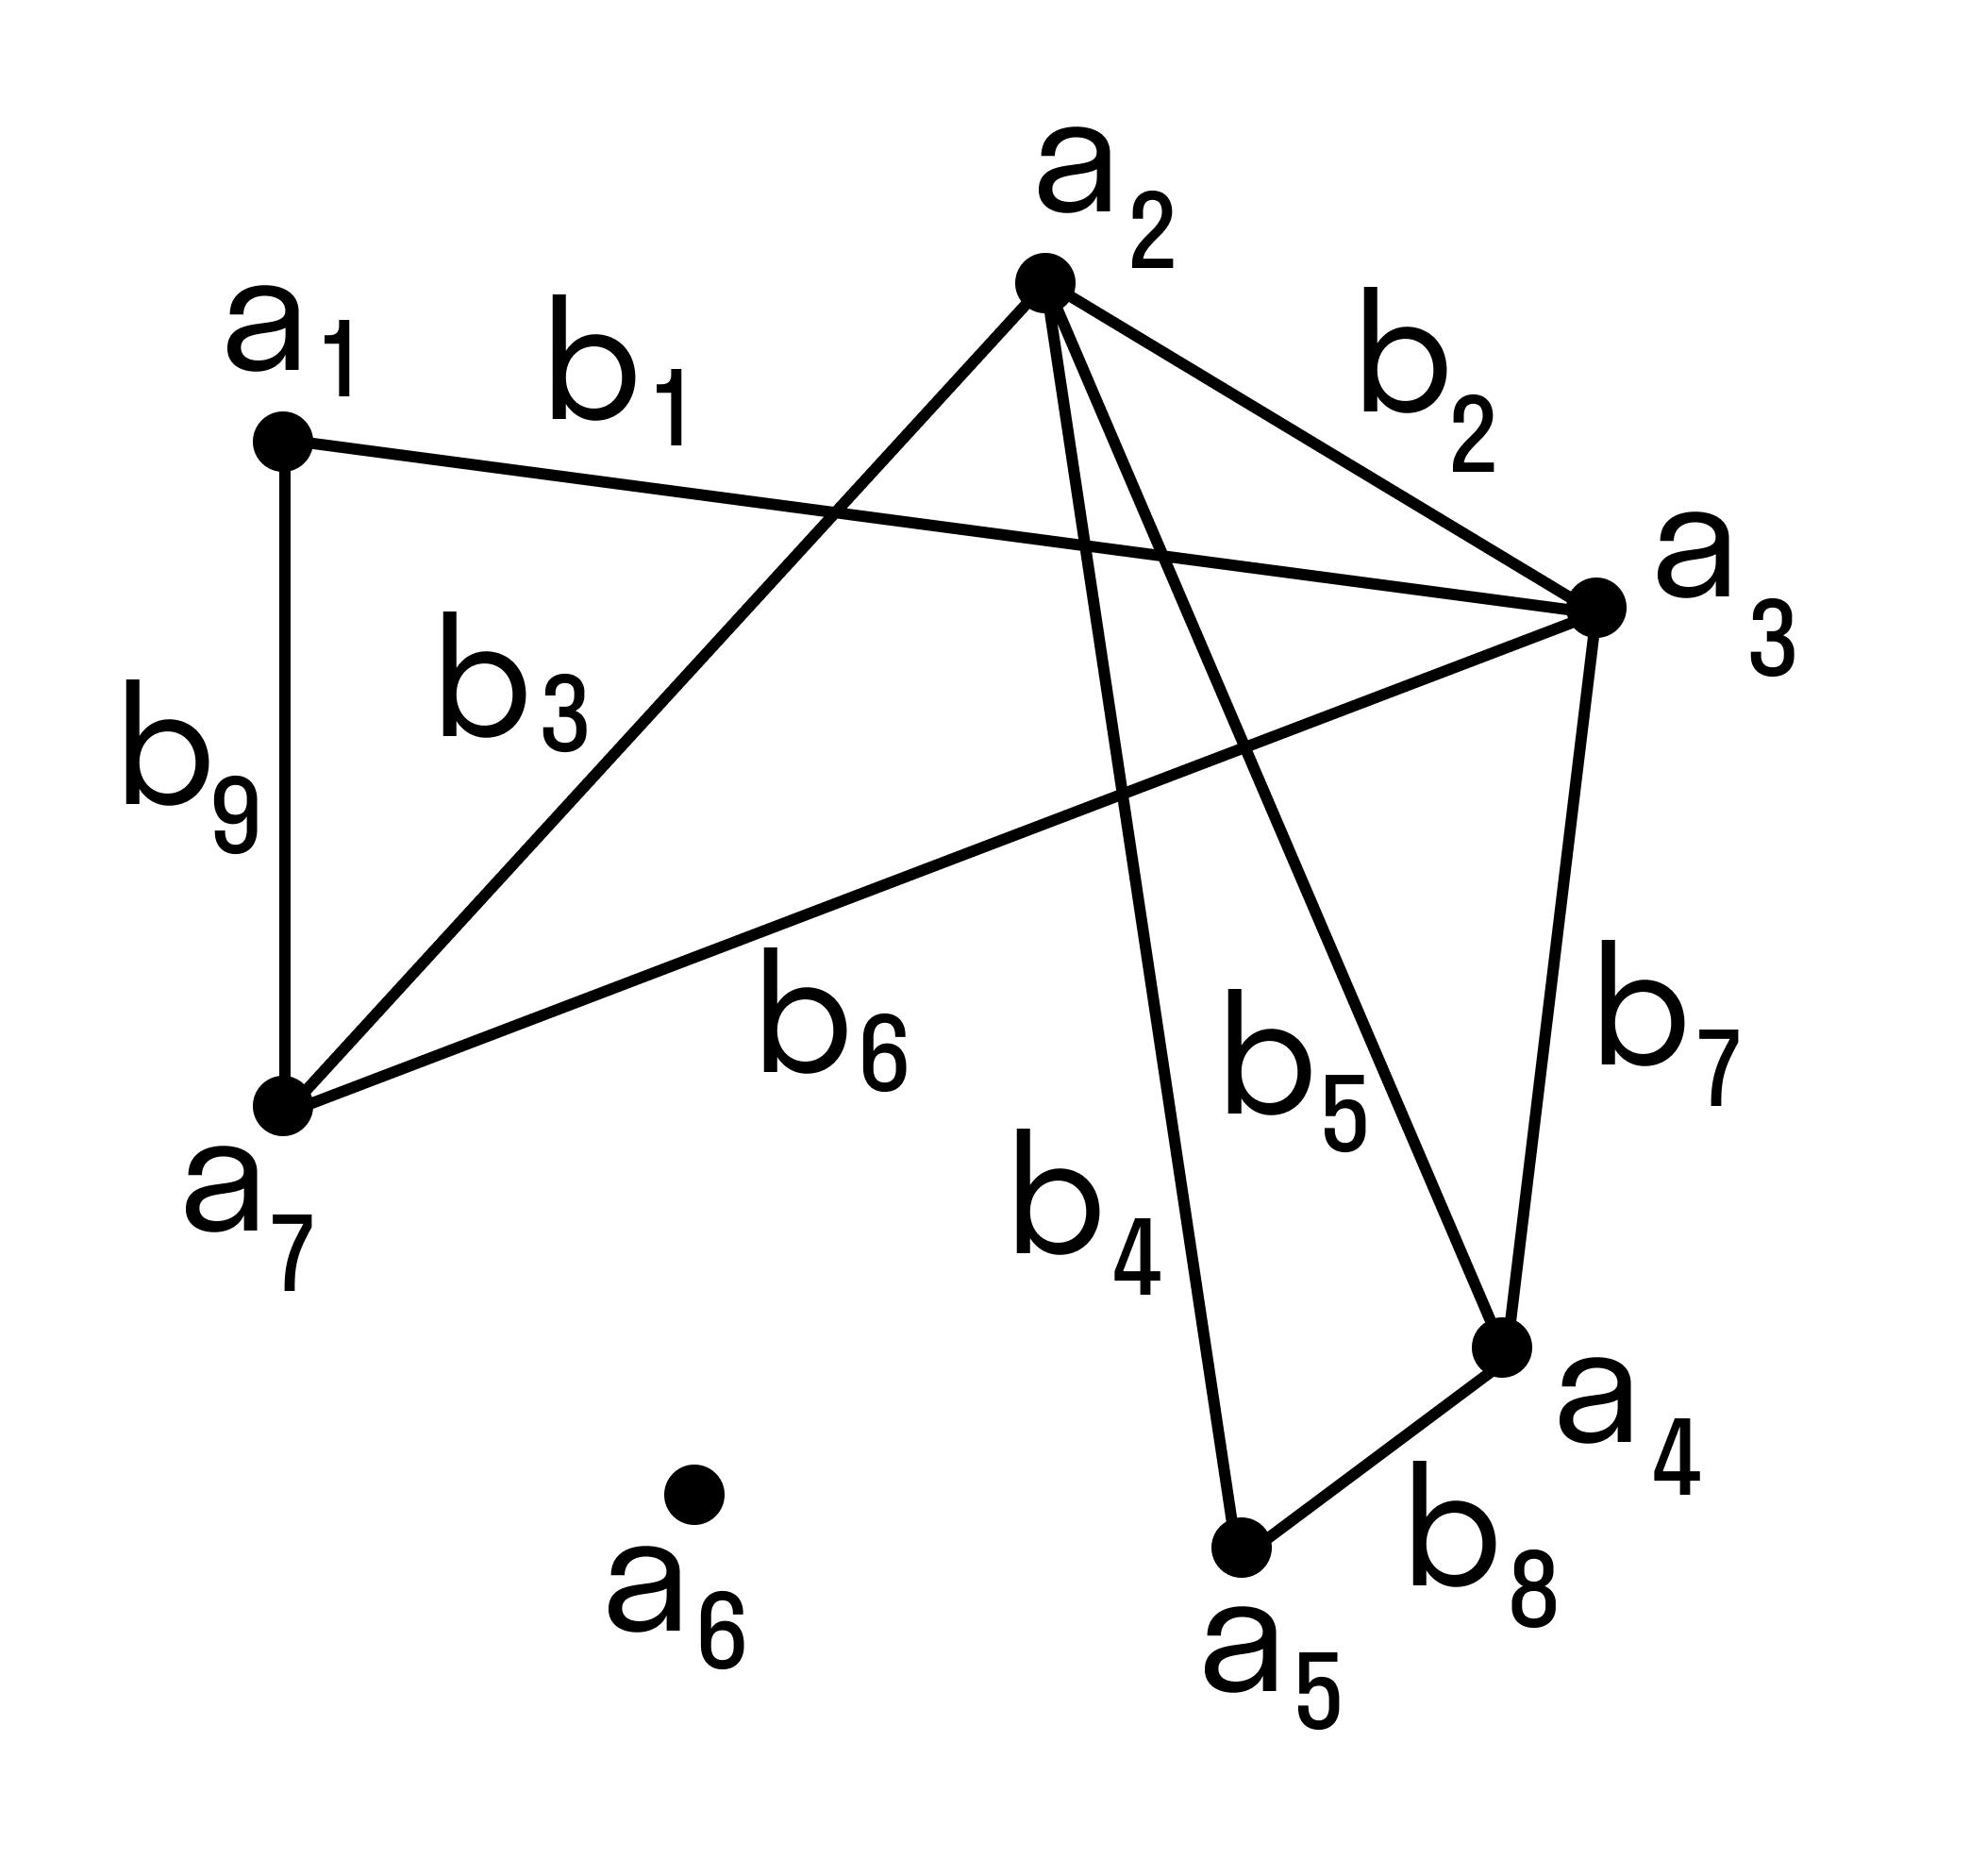 обыкновенный граф